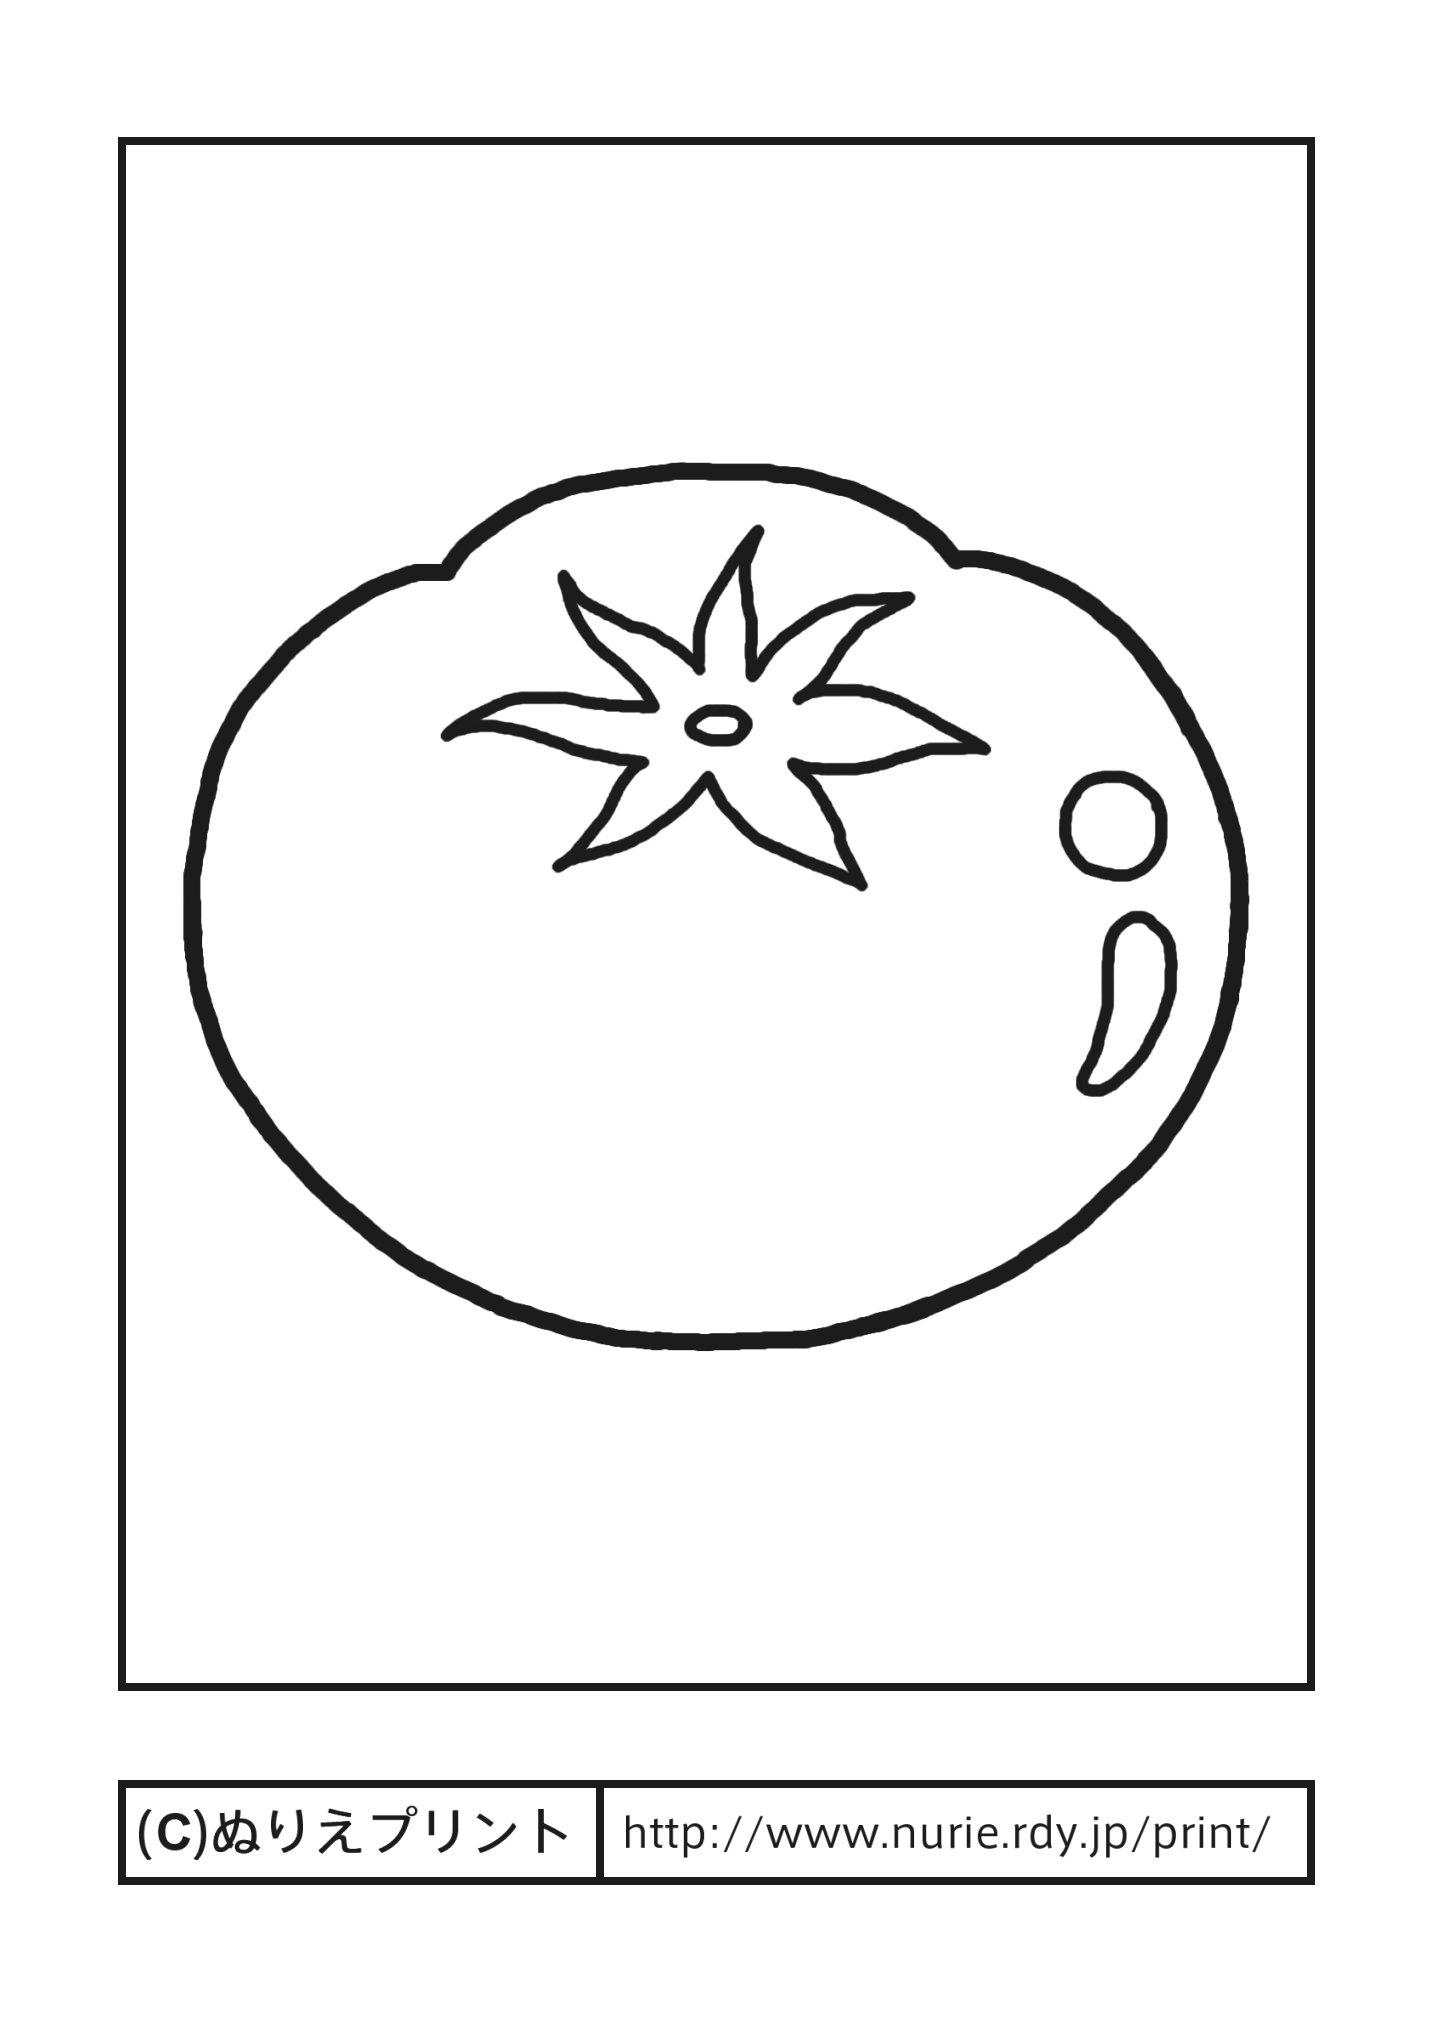 トマト・とまと(主線・黒)/くだ ...